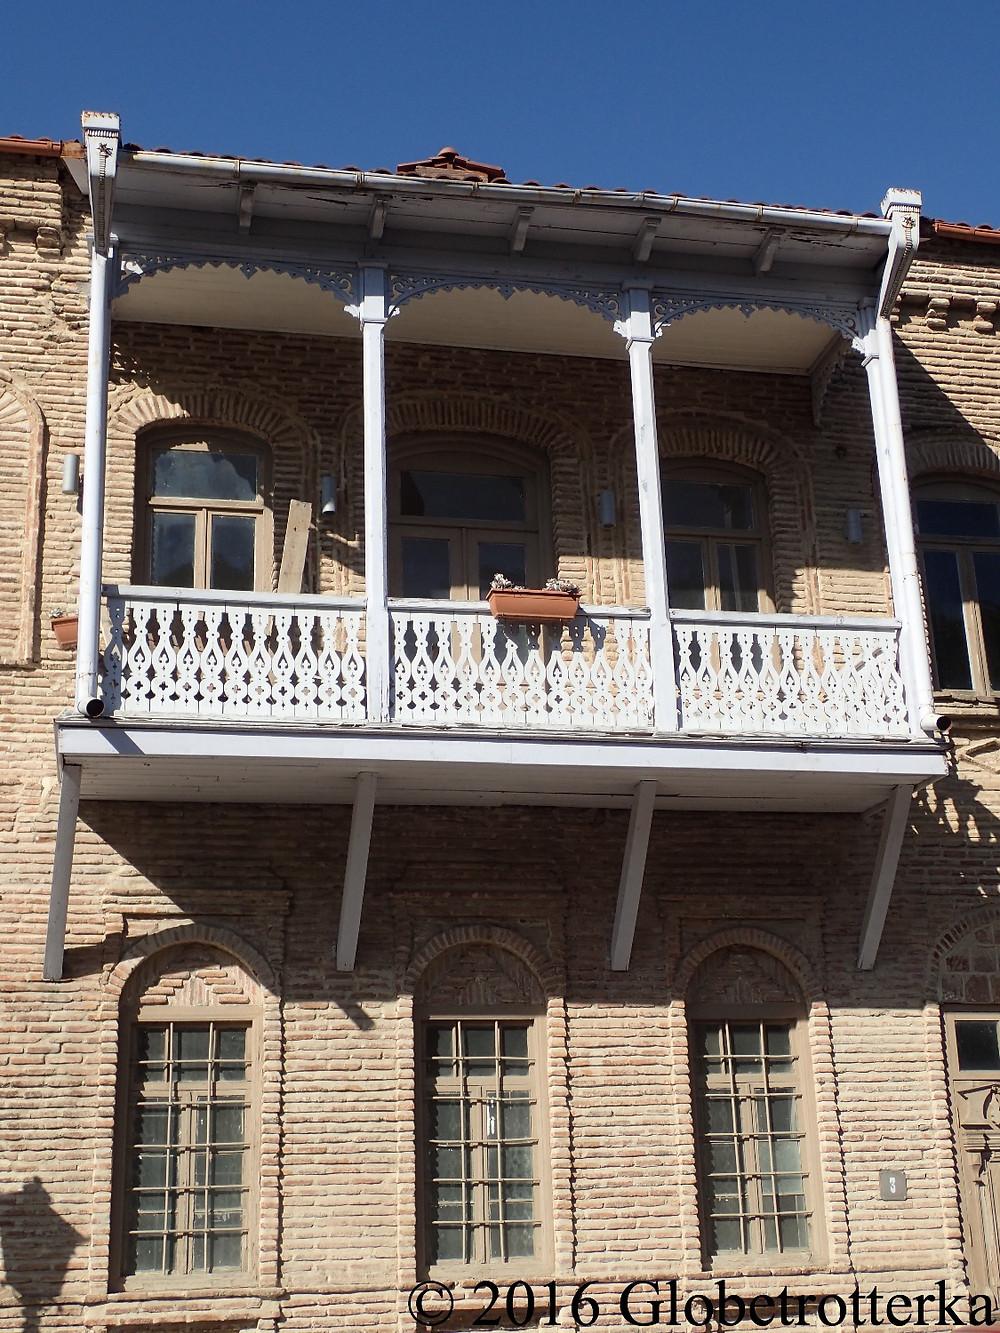 Balcon typique de Sighnaghi, Géorgie © 2016 Globetrotterka